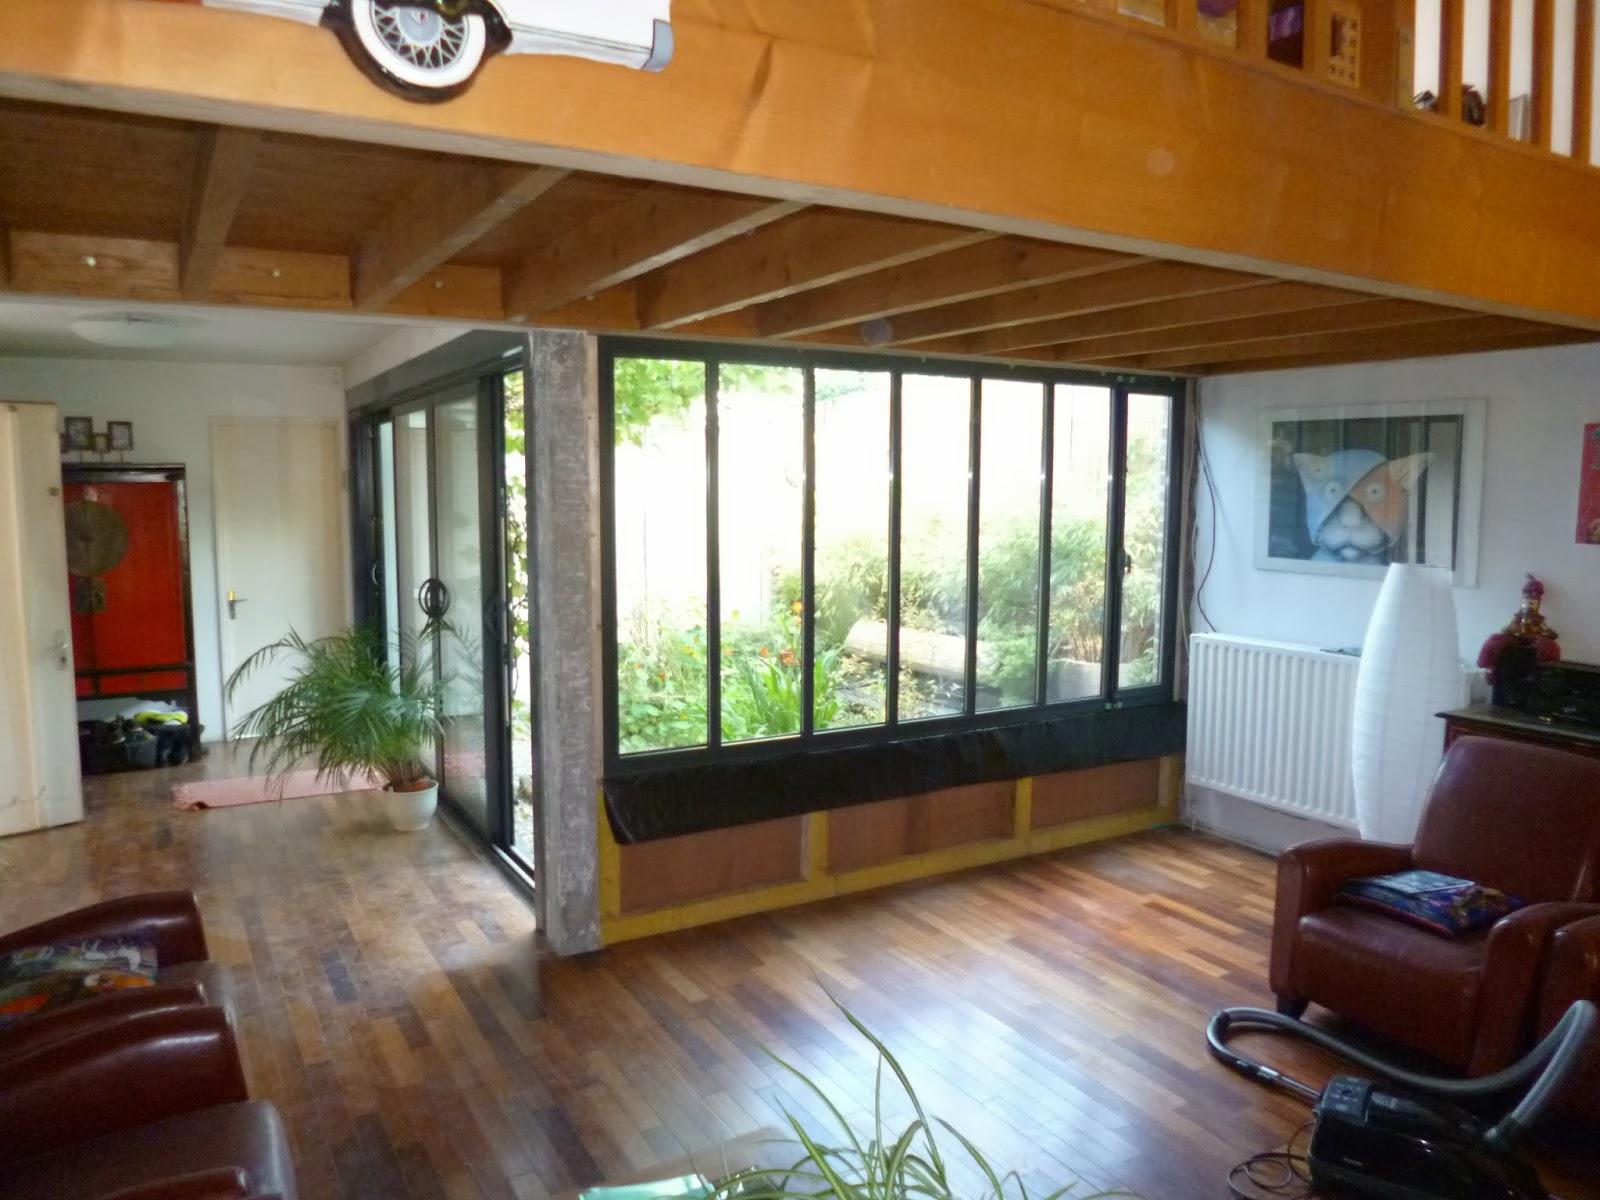 blog de la maison de l 39 imaginarium l 39 ambiance factory 100 sur mesure fen tre d 39 atelier. Black Bedroom Furniture Sets. Home Design Ideas